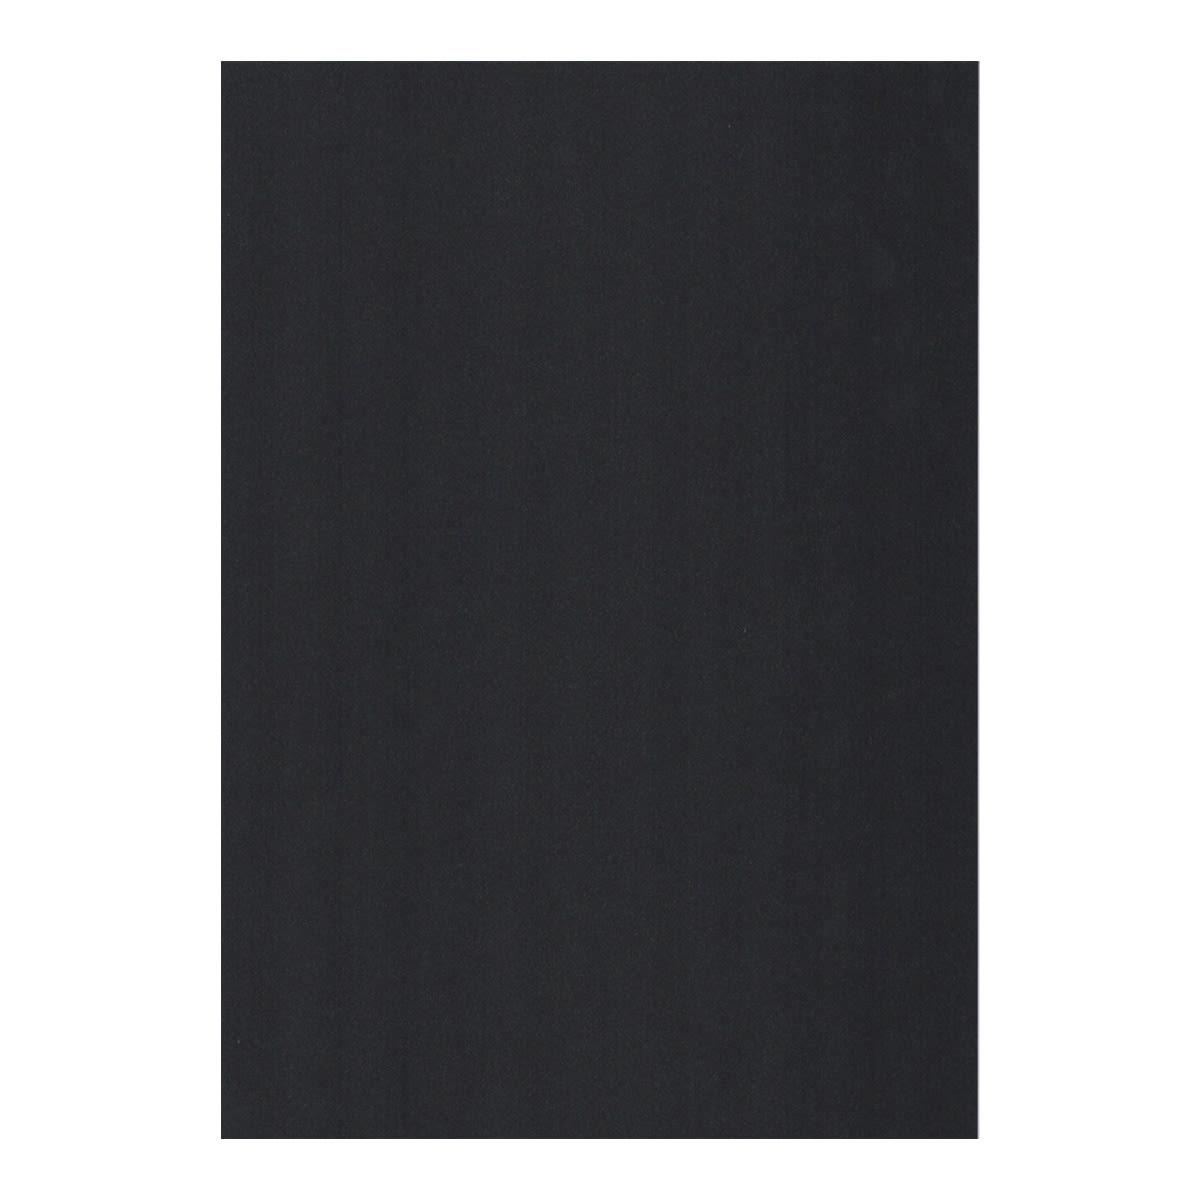 A3 CURIOUS METALLICS BLACK NIGHT IRIDESCENT CARD (300gsm)